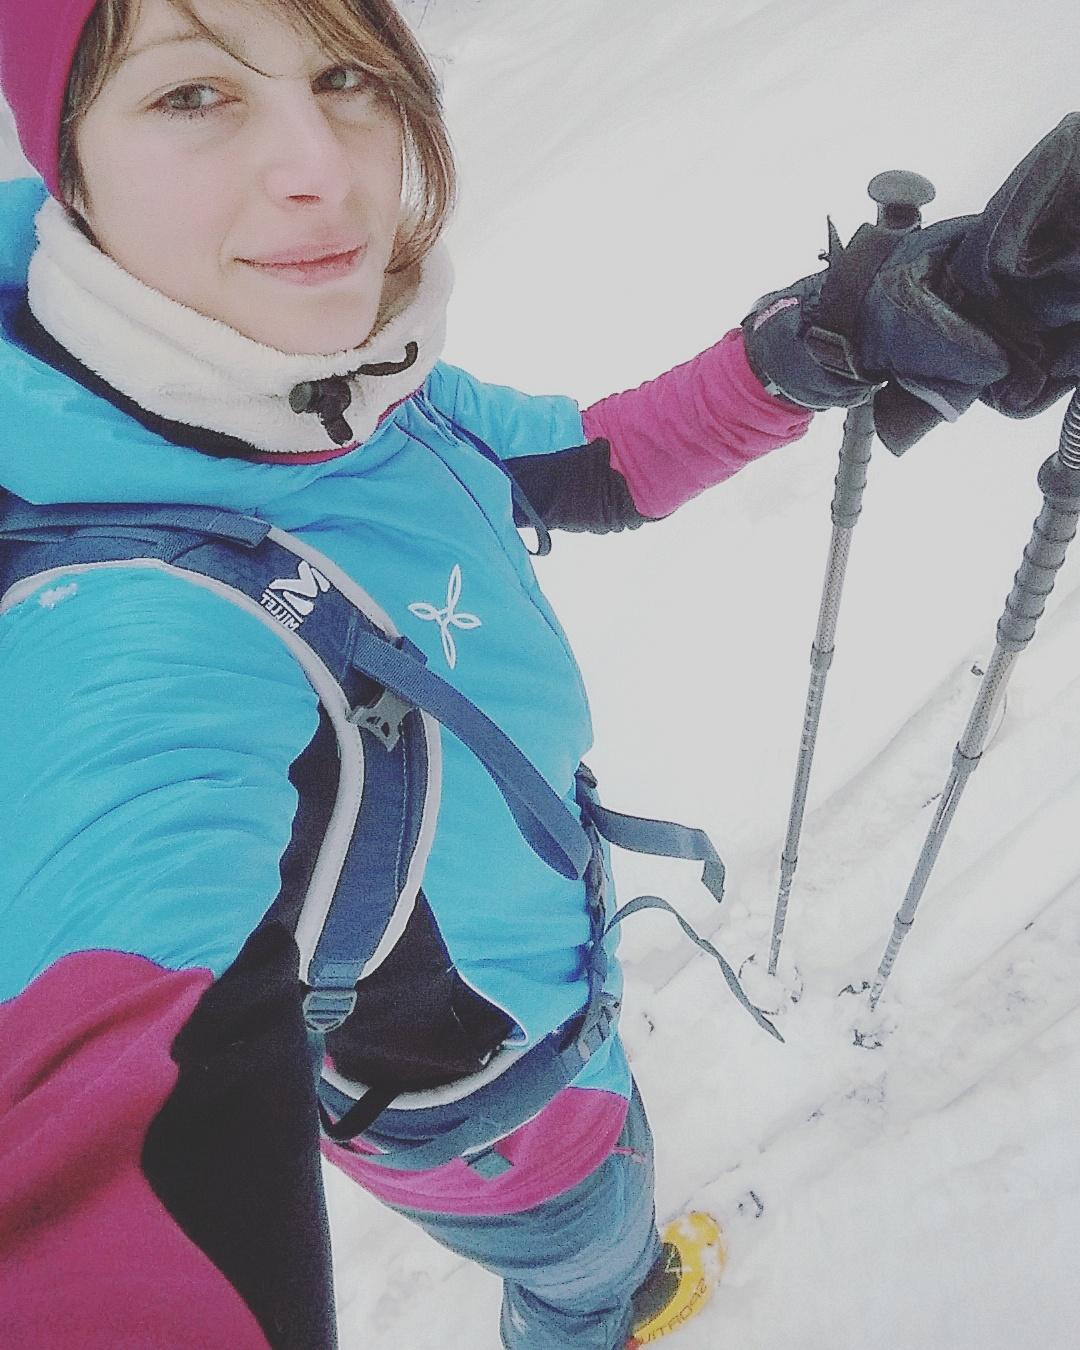 laura palluello ski alp vertige